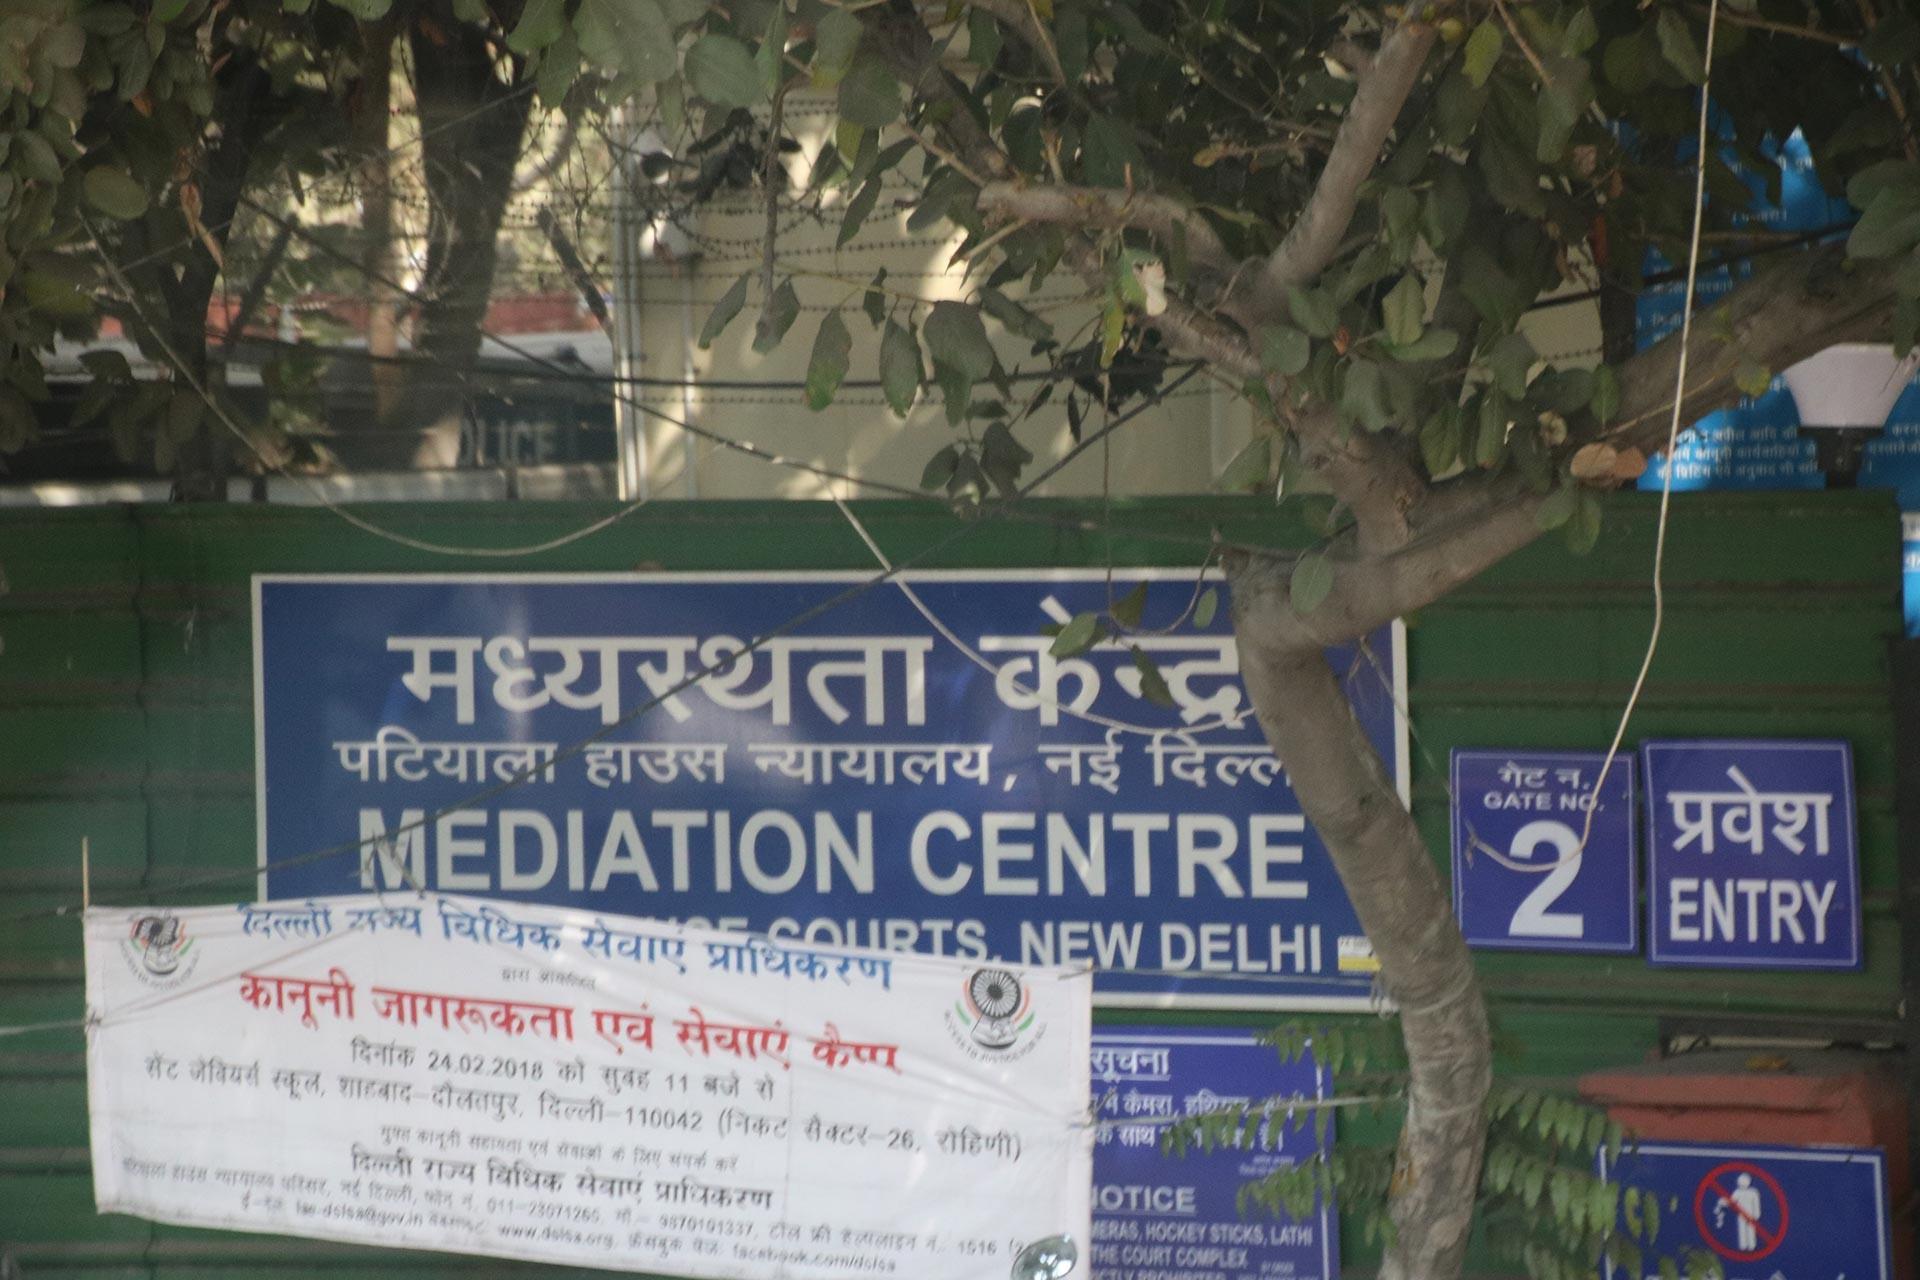 Mediation Centre signage